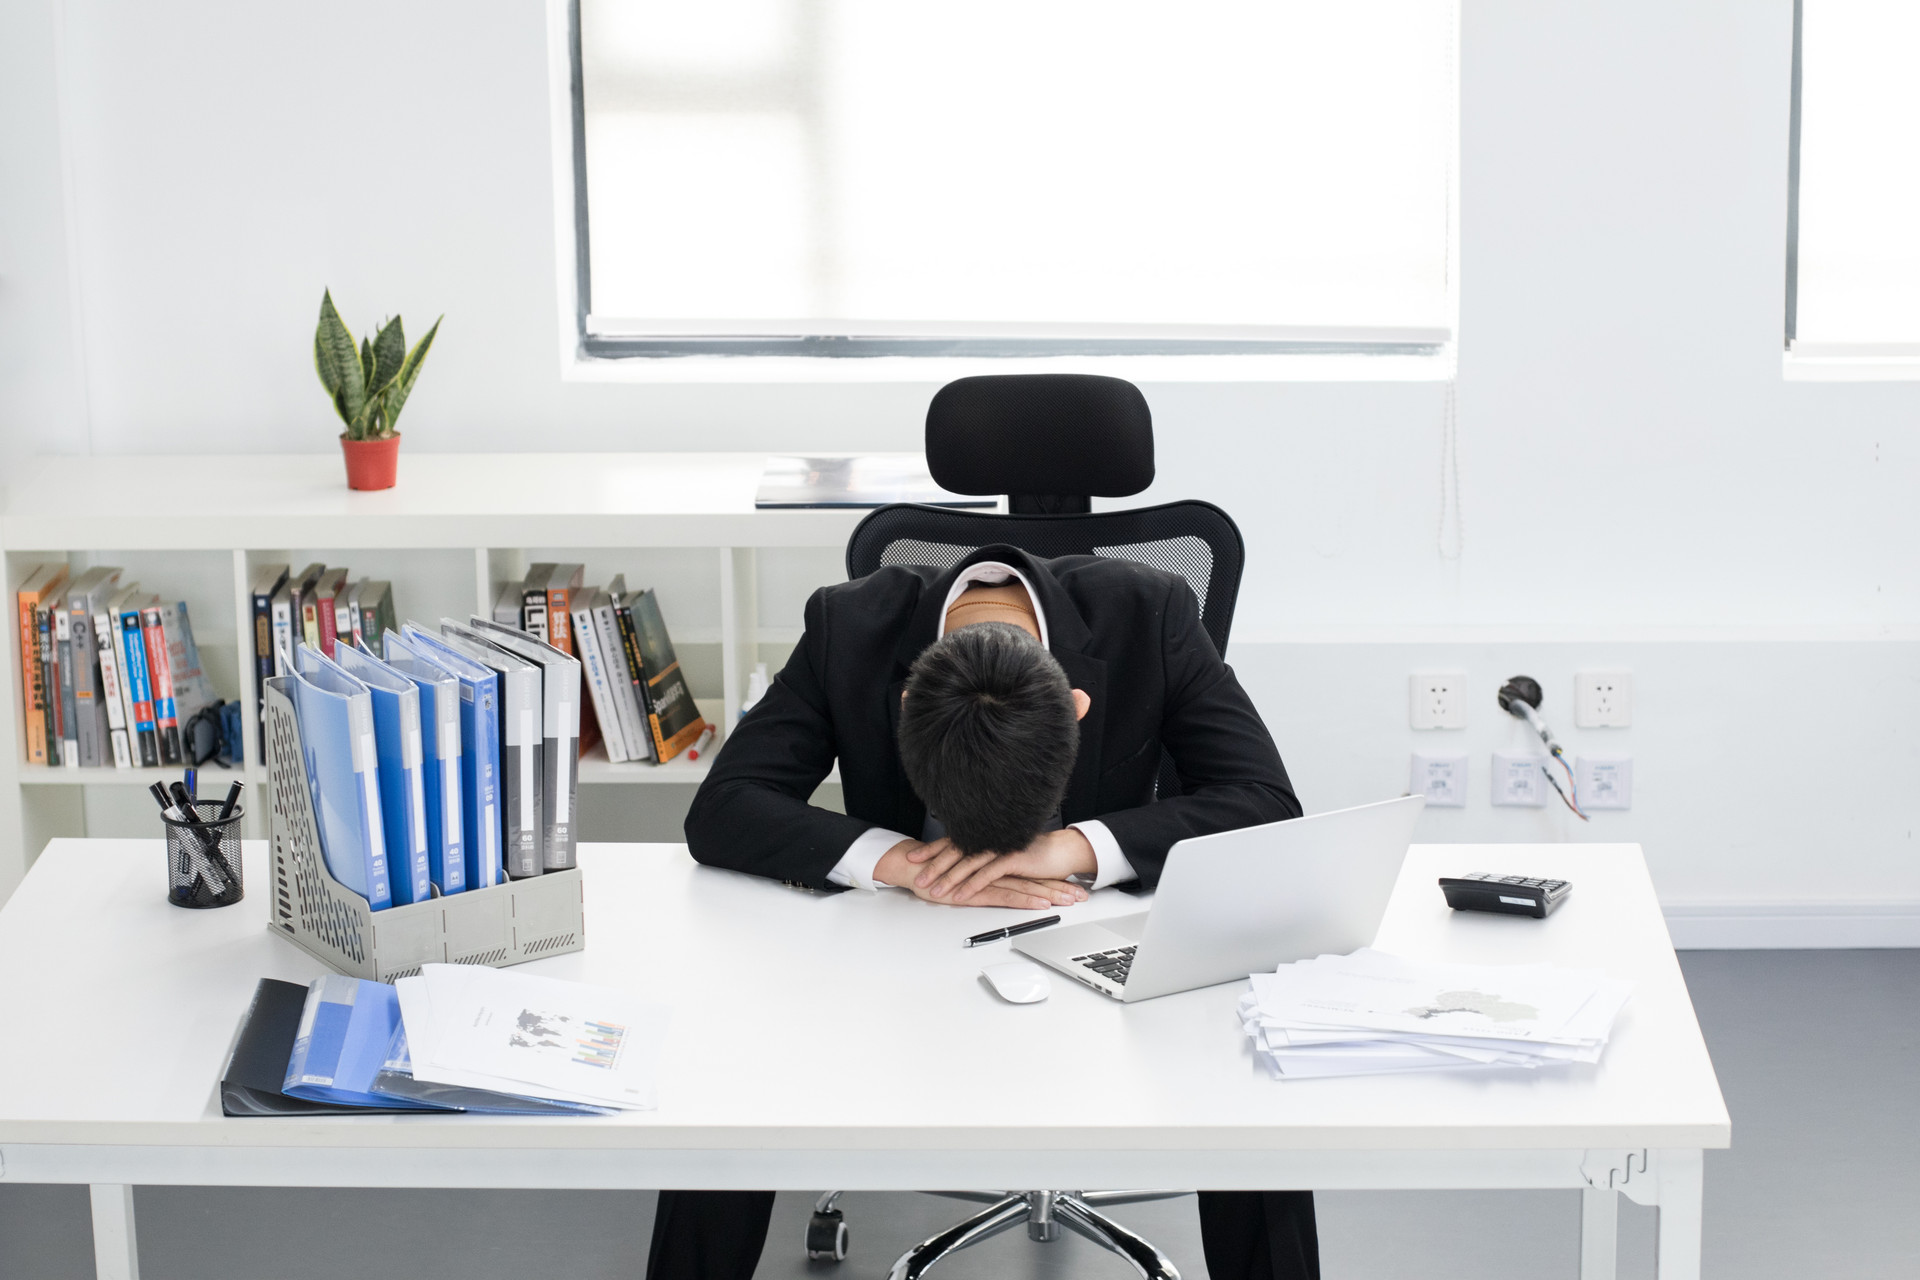 代理记账,选择代理记账会有哪些顾虑呢,代理记账企业